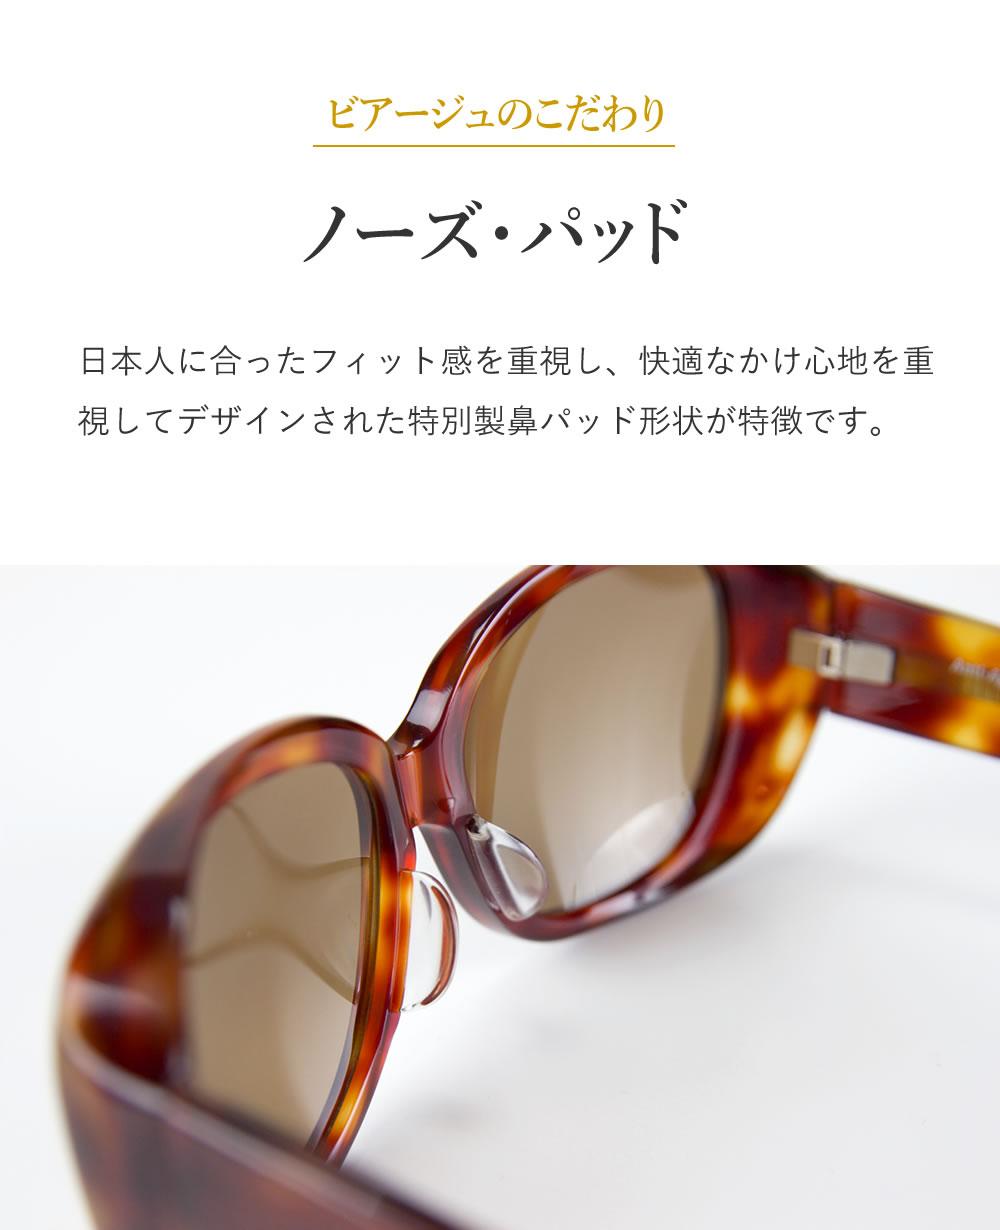 ビアージュのこだわり ノーズ・パッド 日本人にあったフィット感を重視し、快適なかけ心地を重視してデザインされた特別製鼻パッド形状が特徴です。